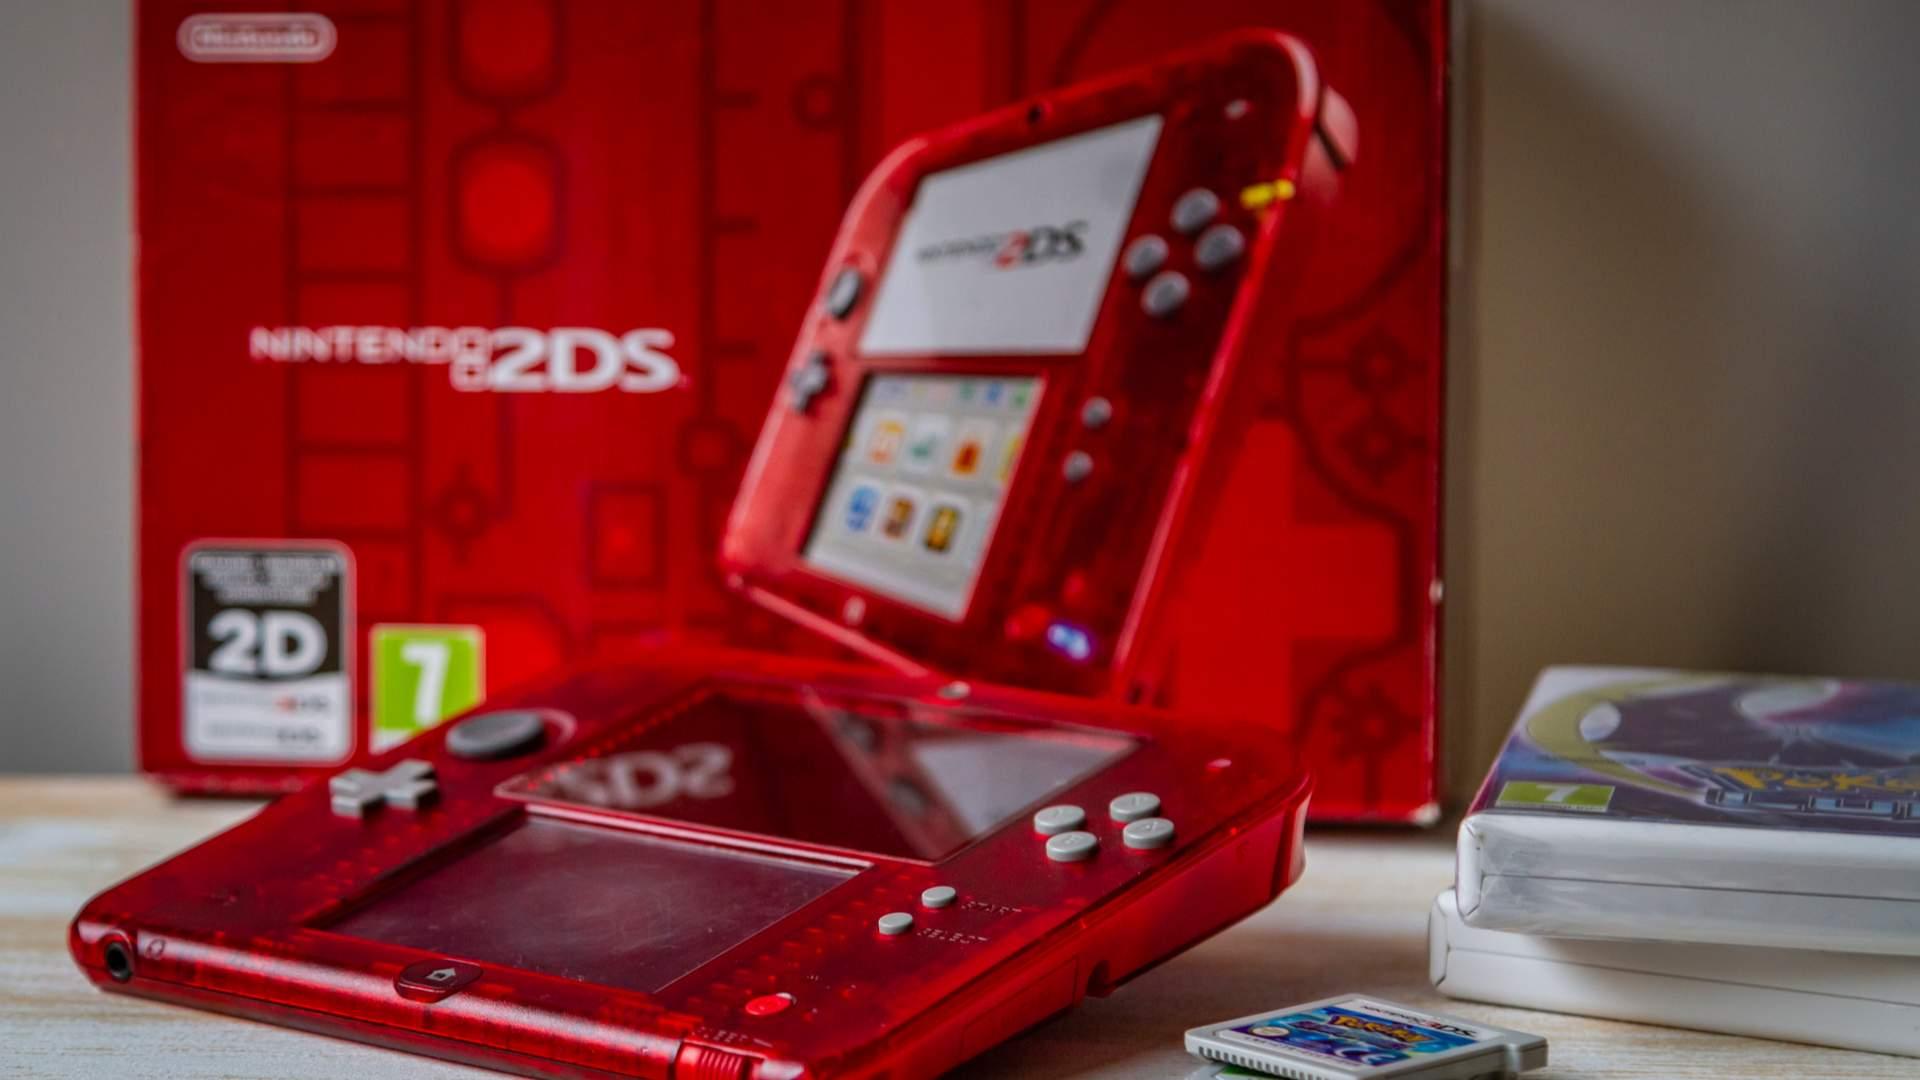 O 2DS é um videogame de mão que trouxe tudo o de bom que havia no 3DS, mas deixando de lado a função 3D (Fonte: Shutterstock/Interneteable)